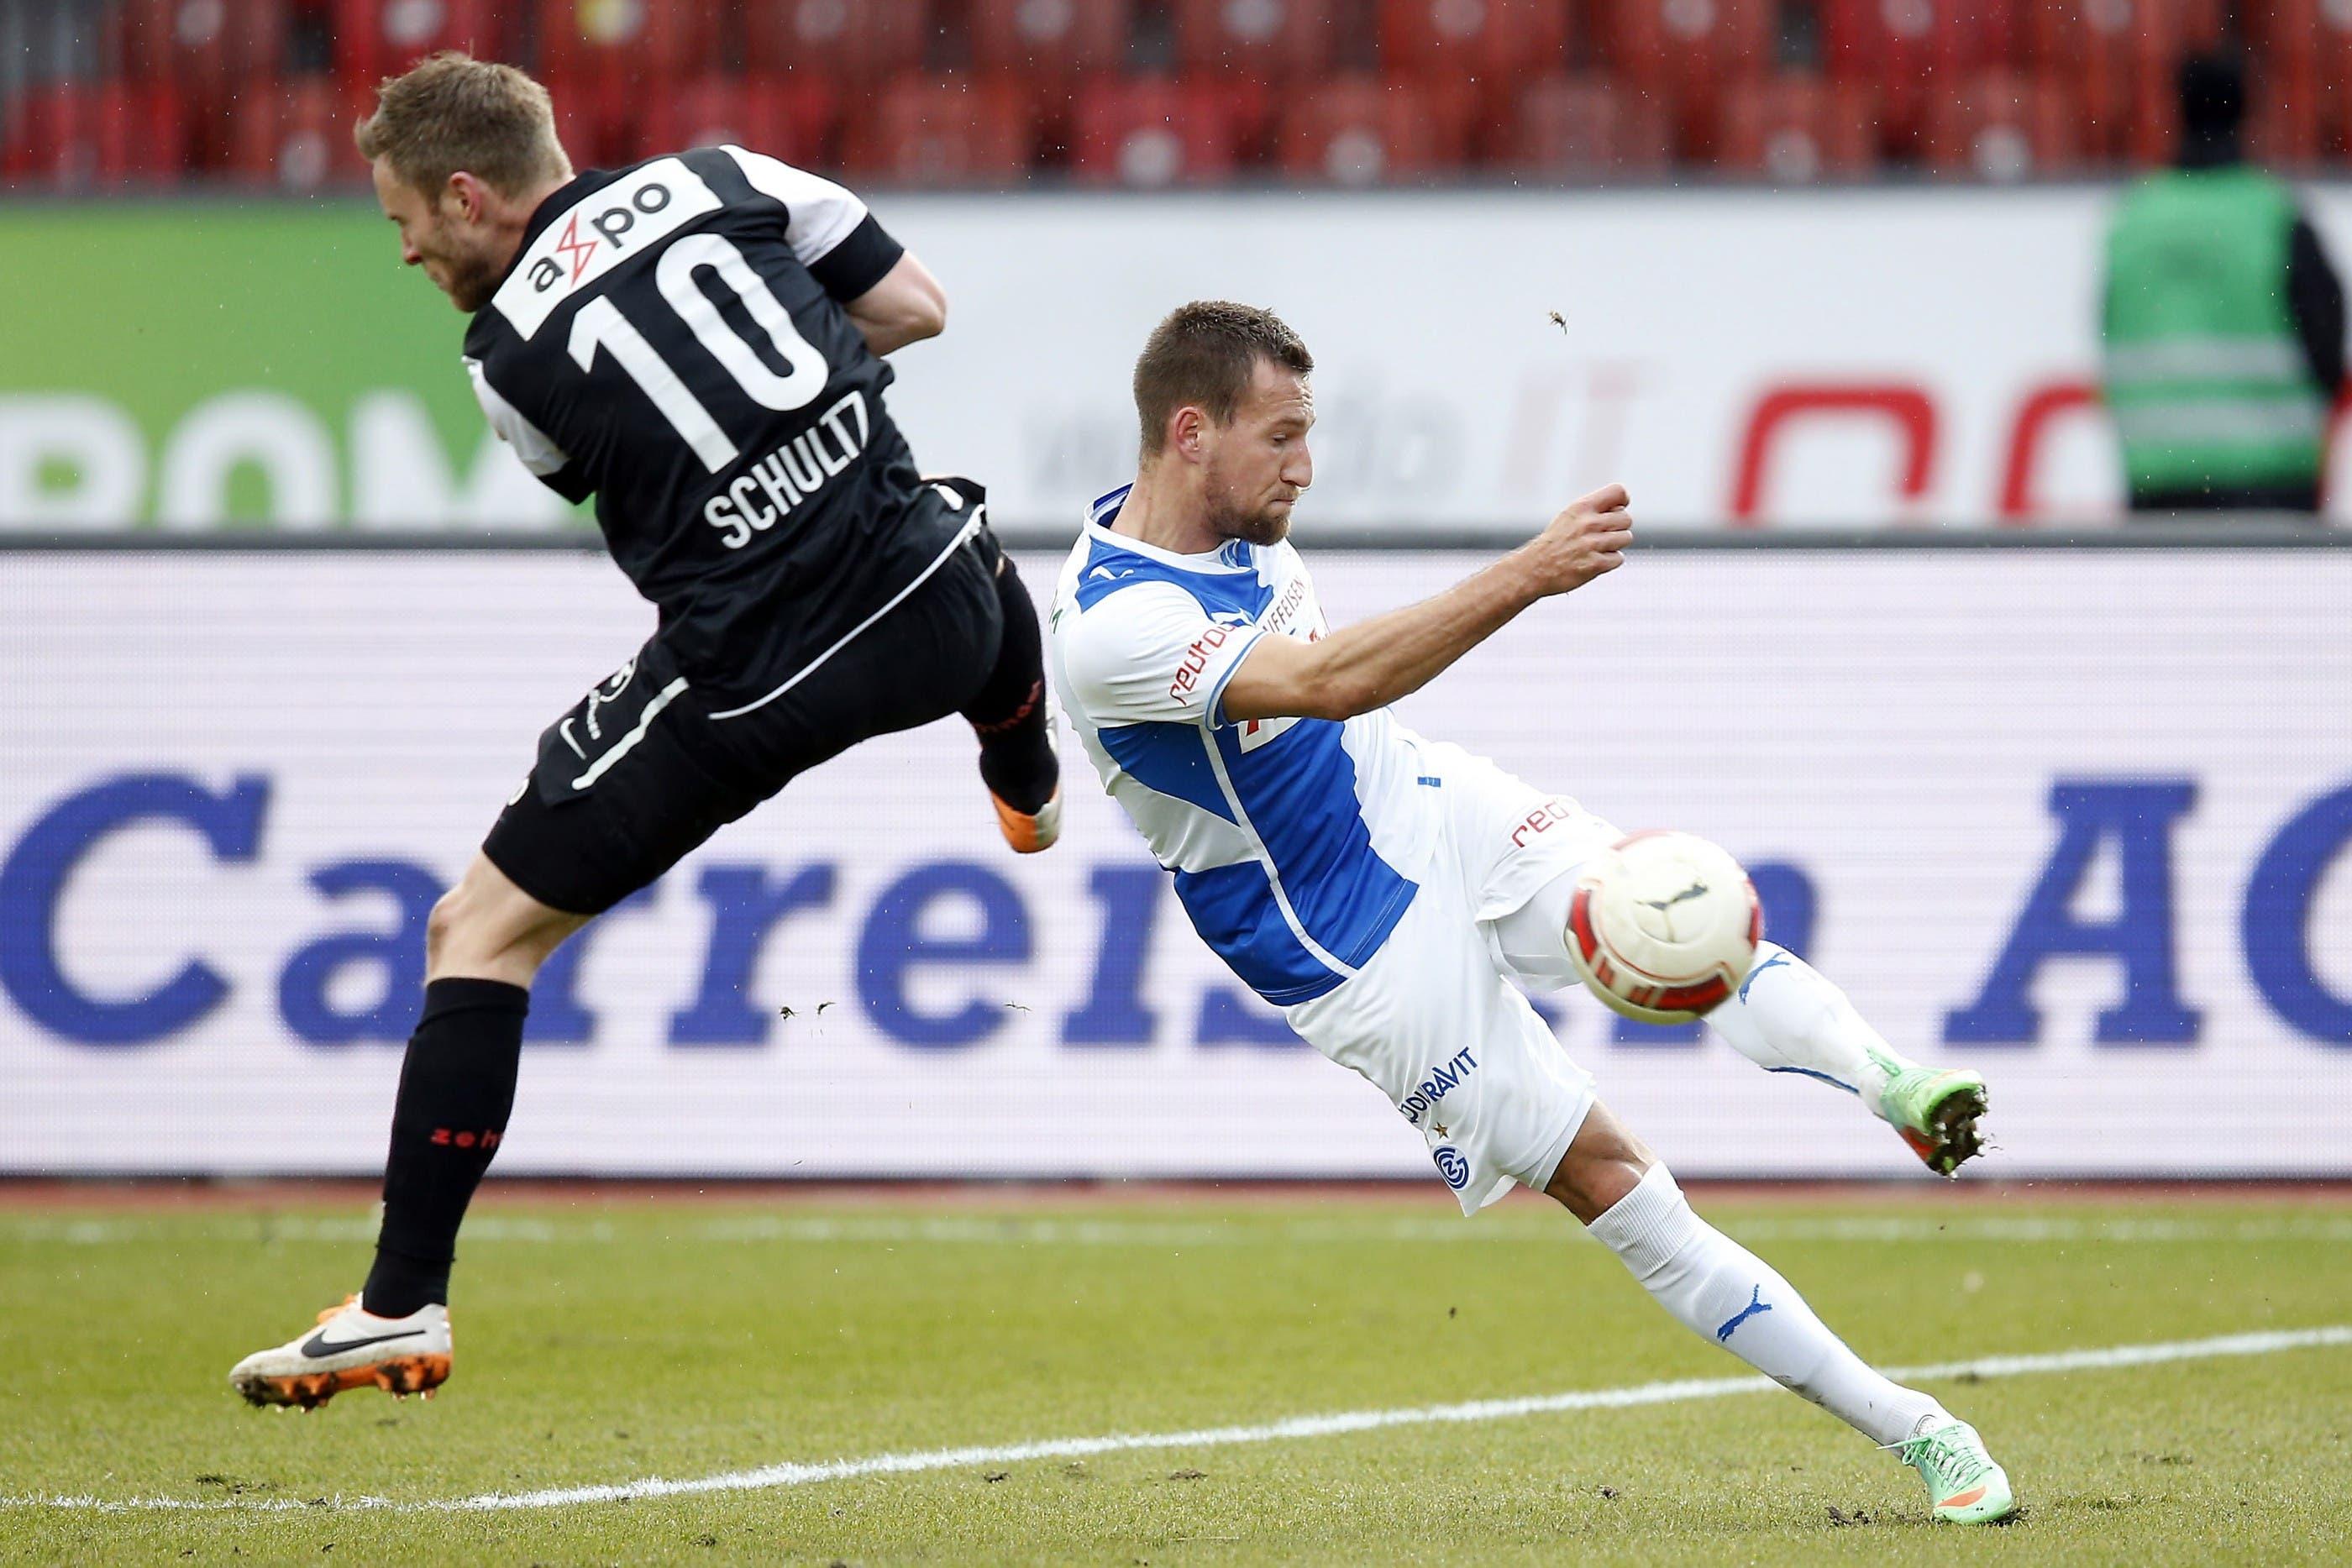 Nach über 10 Jahren: Der FC Aarau bezwingt GC auswärts